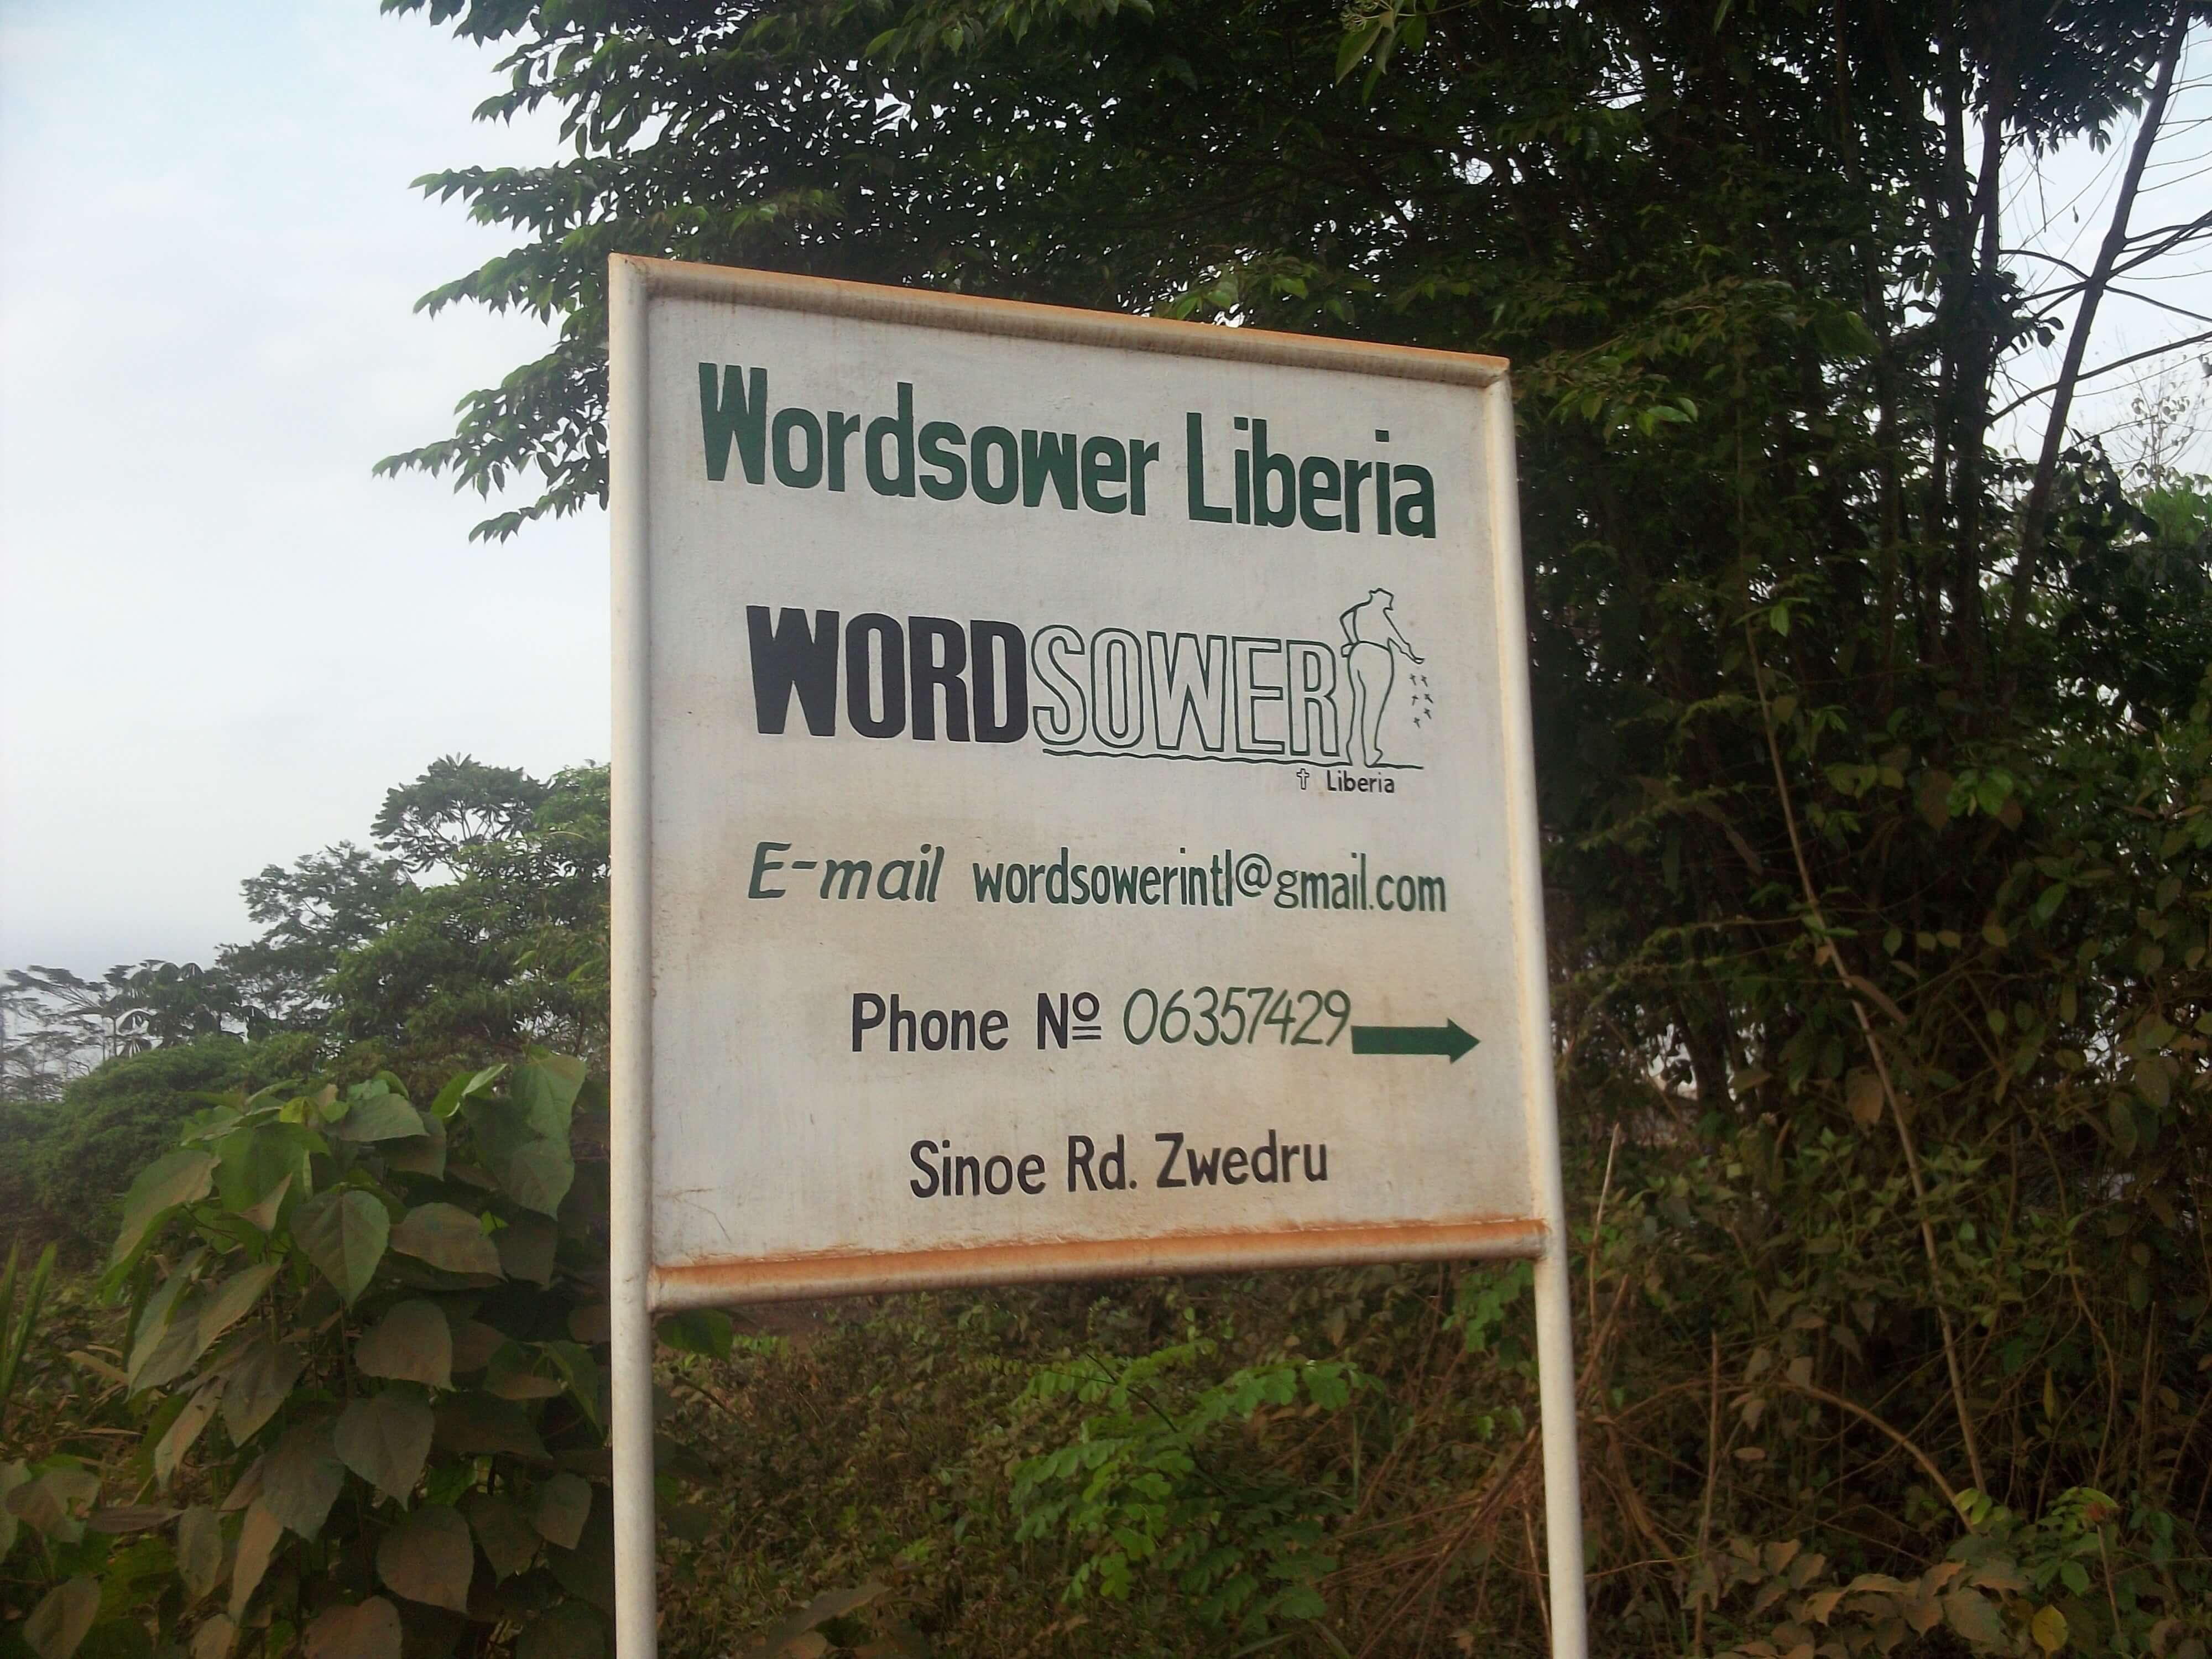 En collaboration avec la mission Wordsower dont le siège est à Zwedru